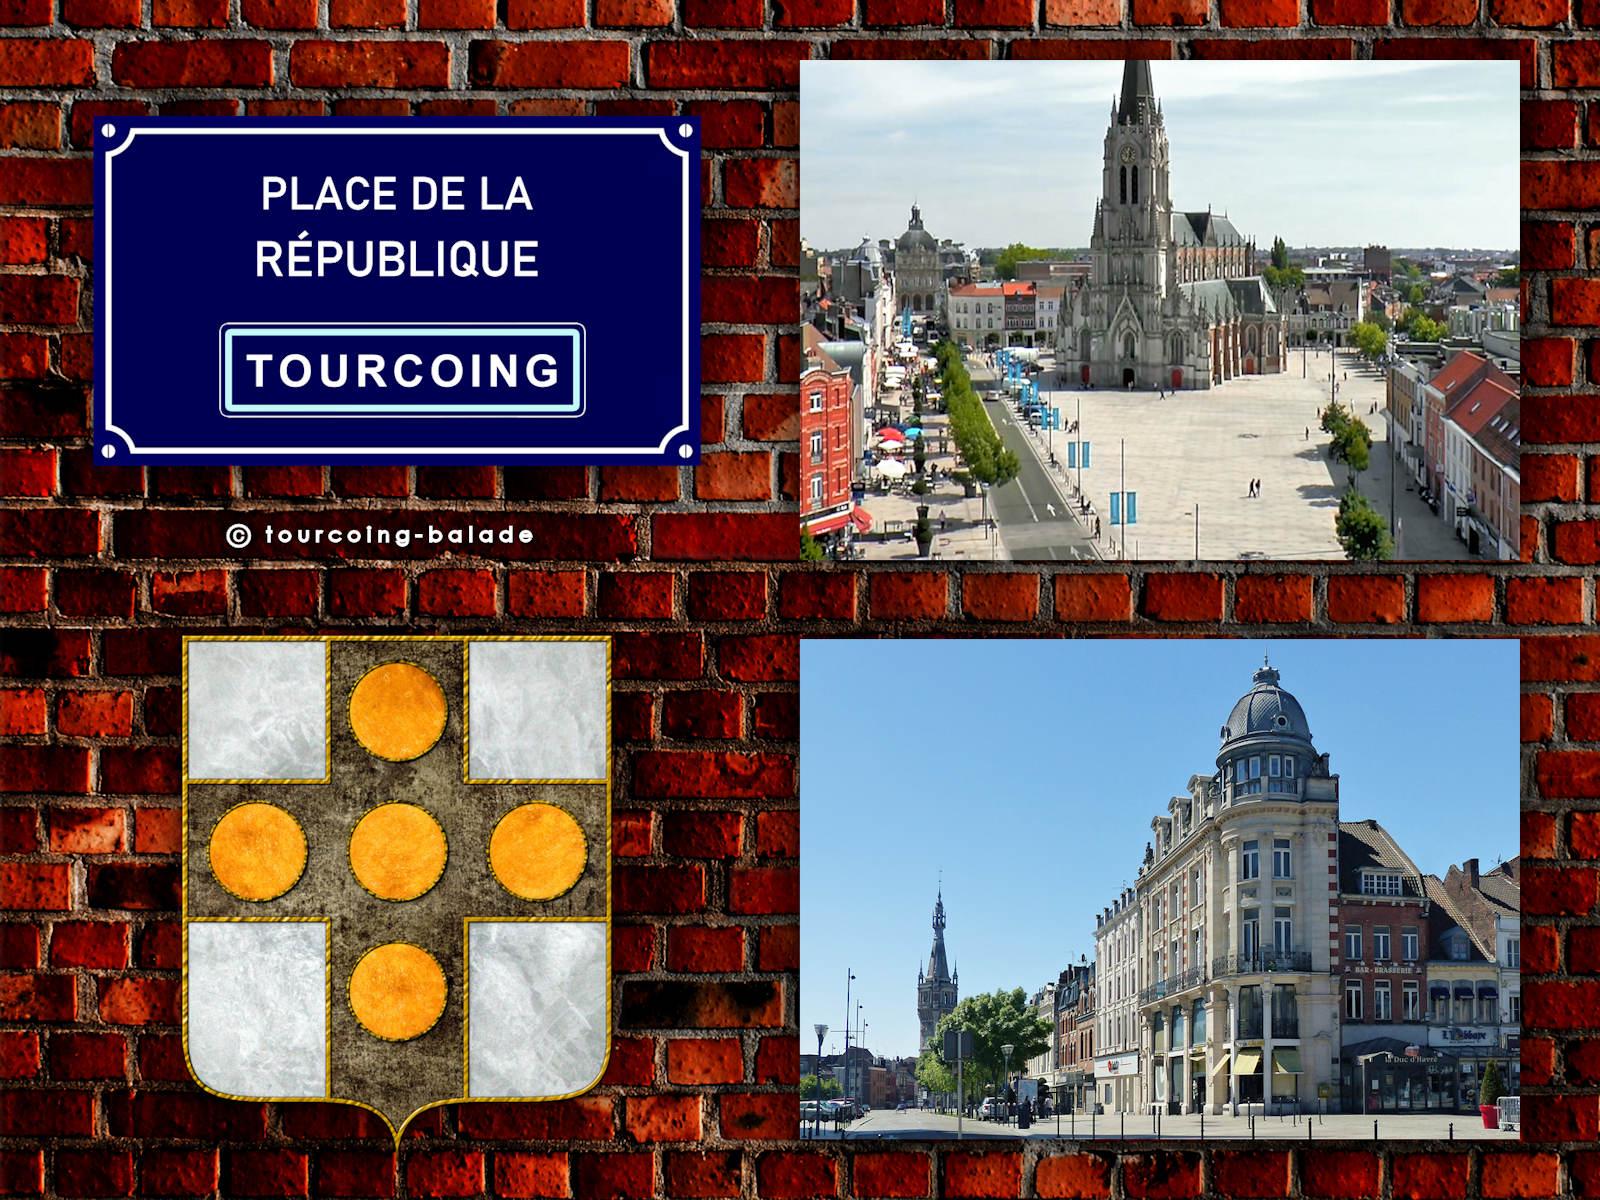 Tourcoing, Place de la République, 2020